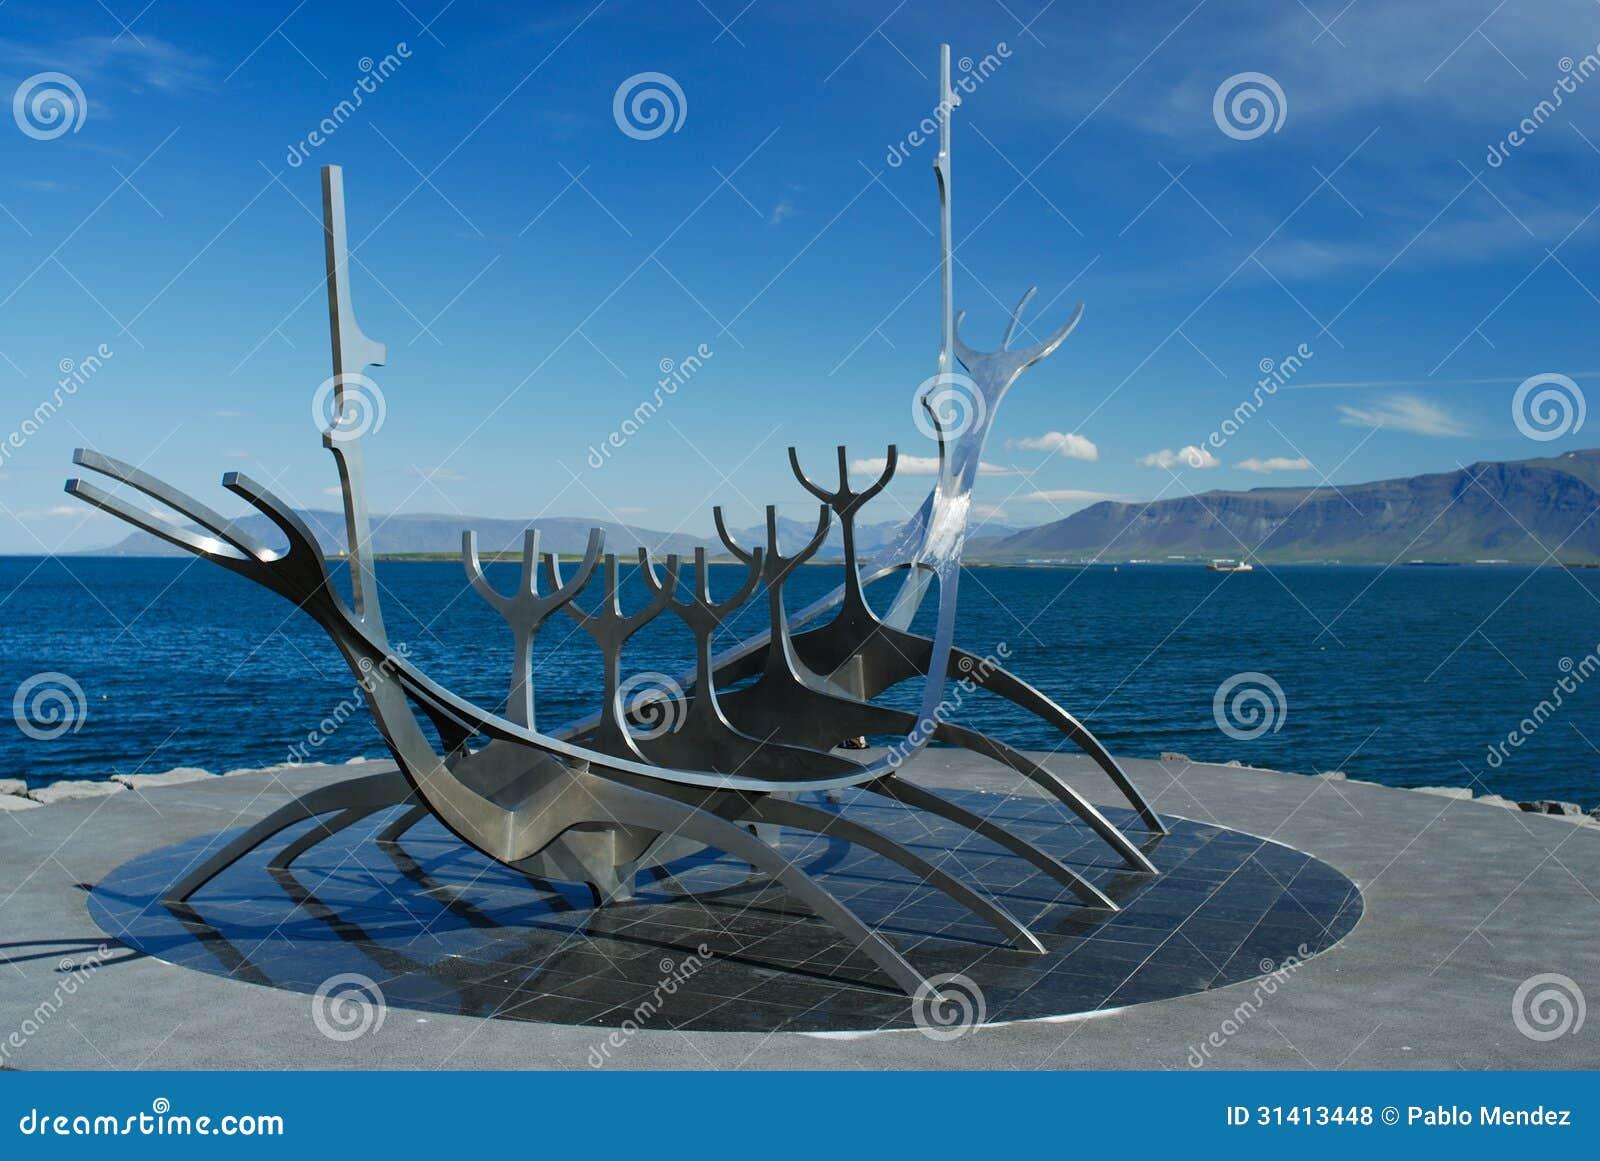 Beeldhouwwerk van een boot van Viking in Reykjavik, IJsland